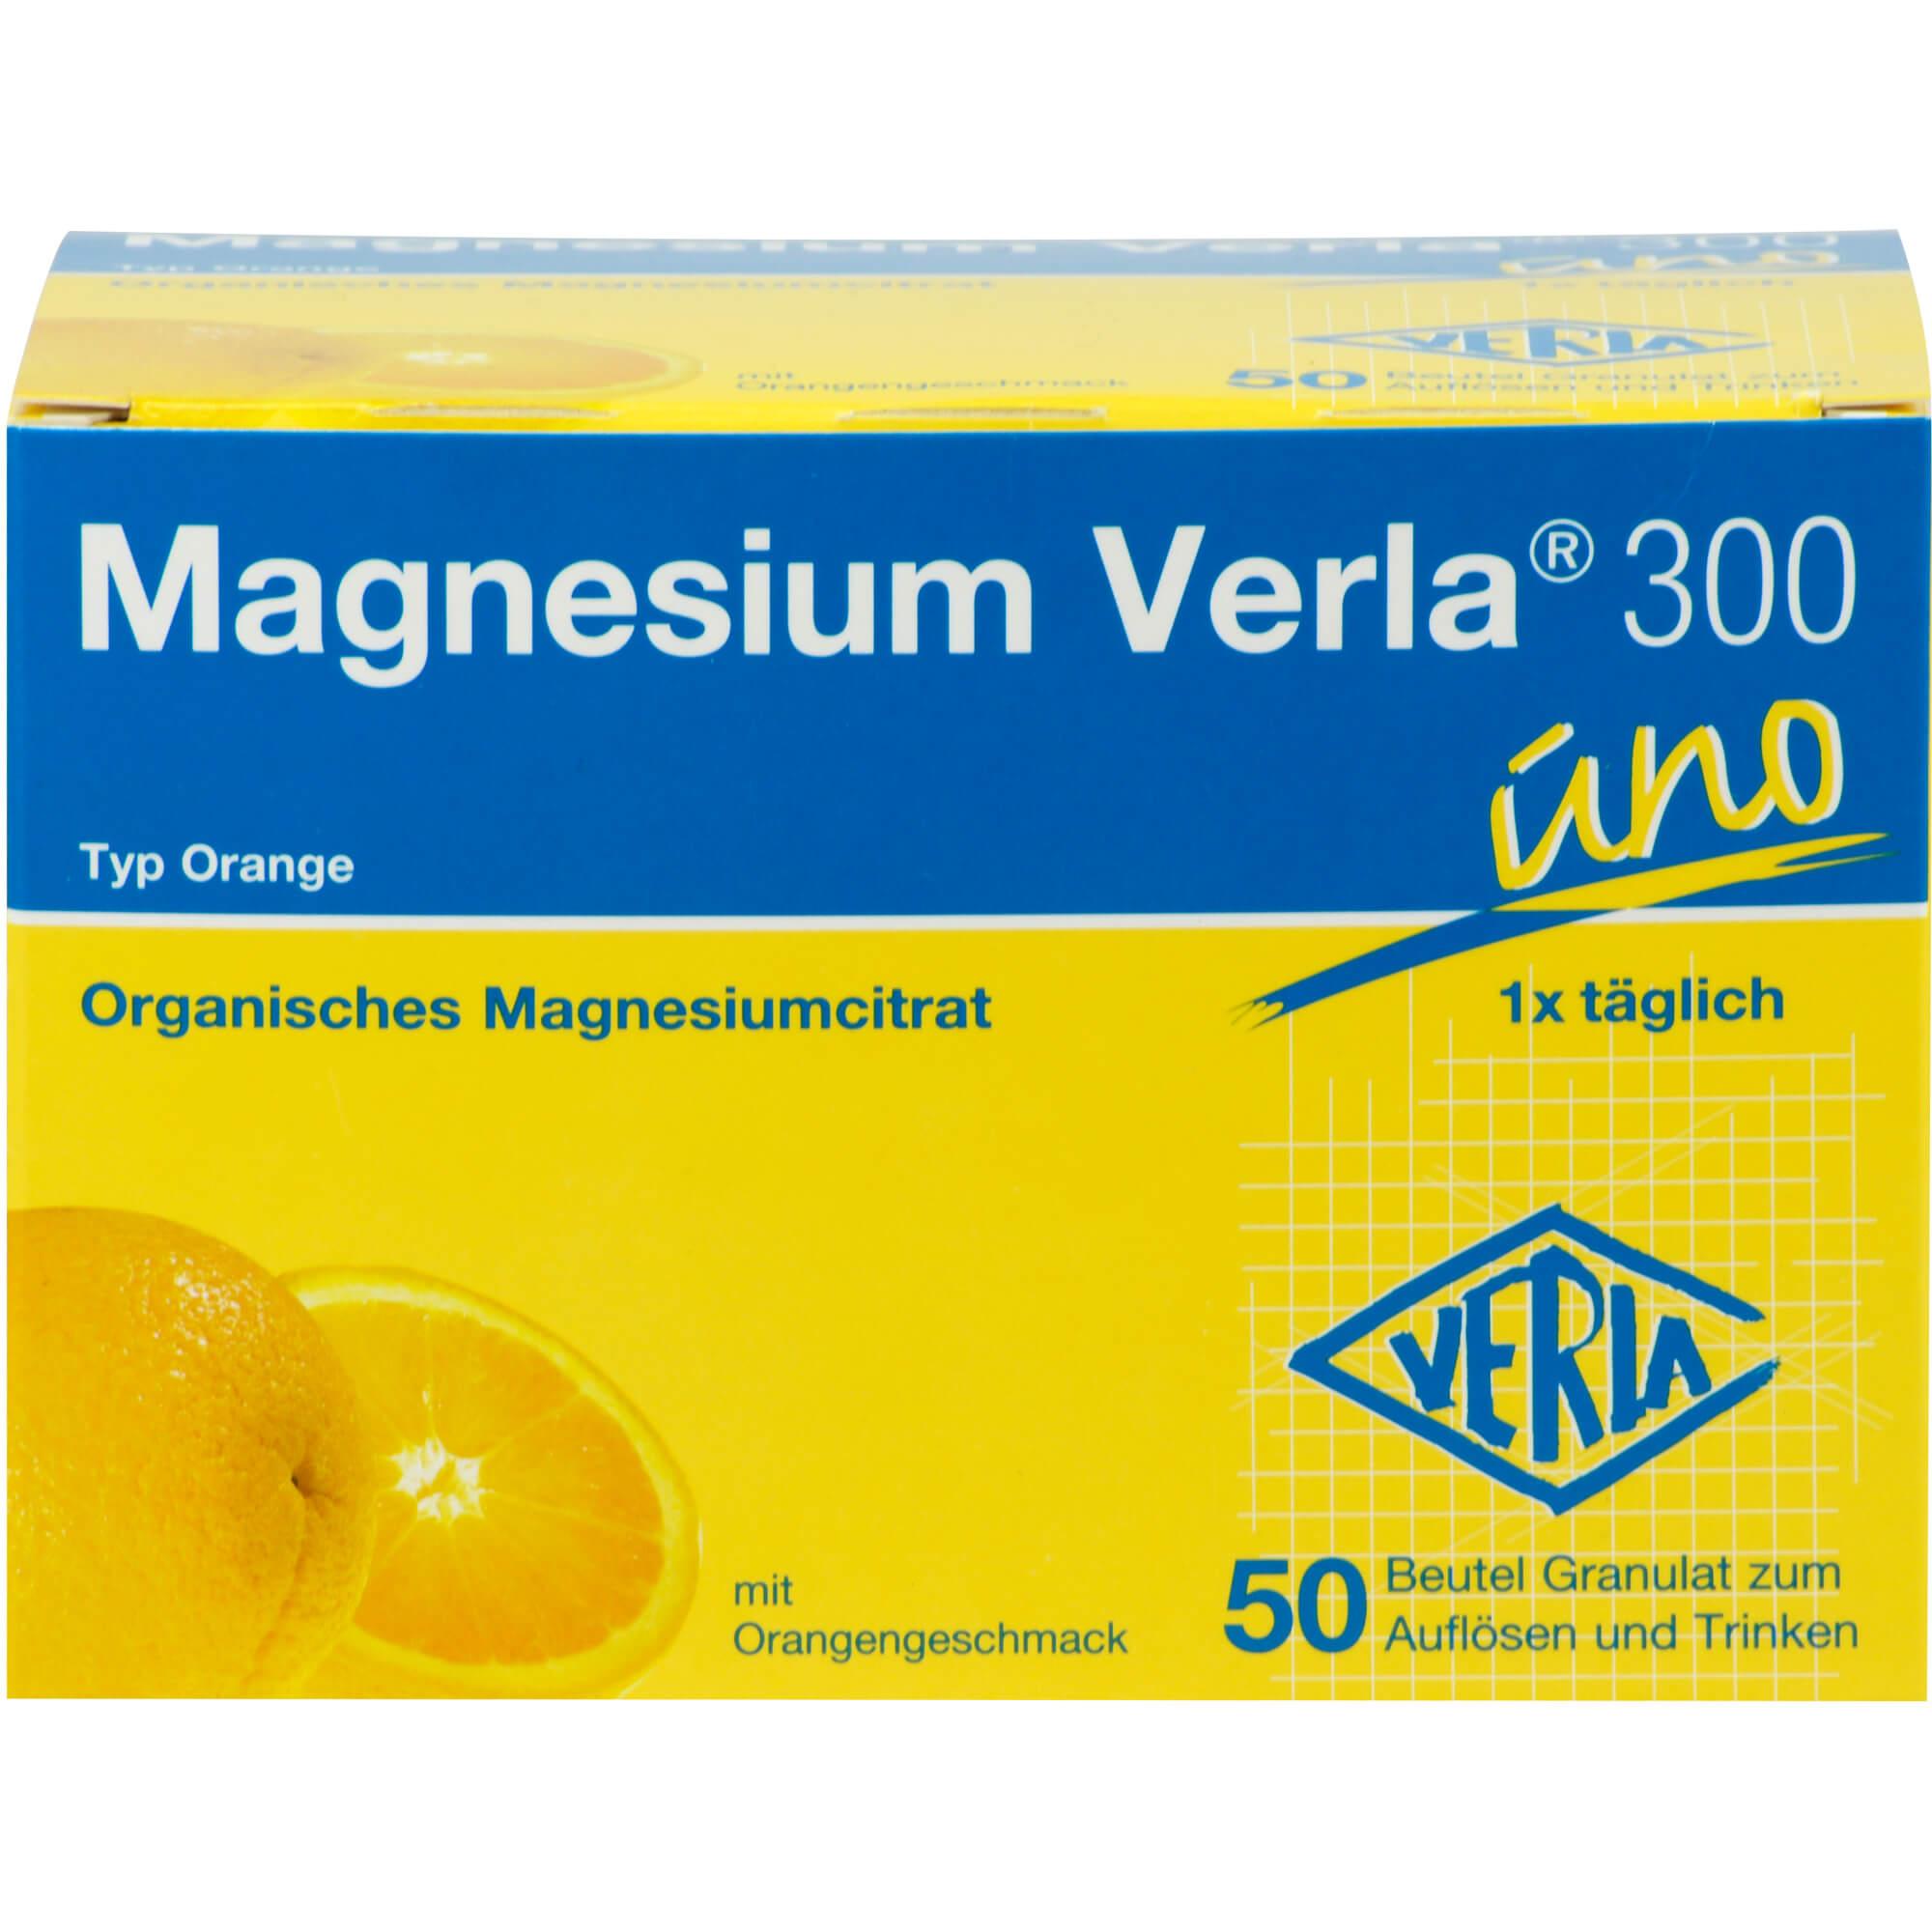 MAGNESIUM-VERLA-300-Orange-Granulat